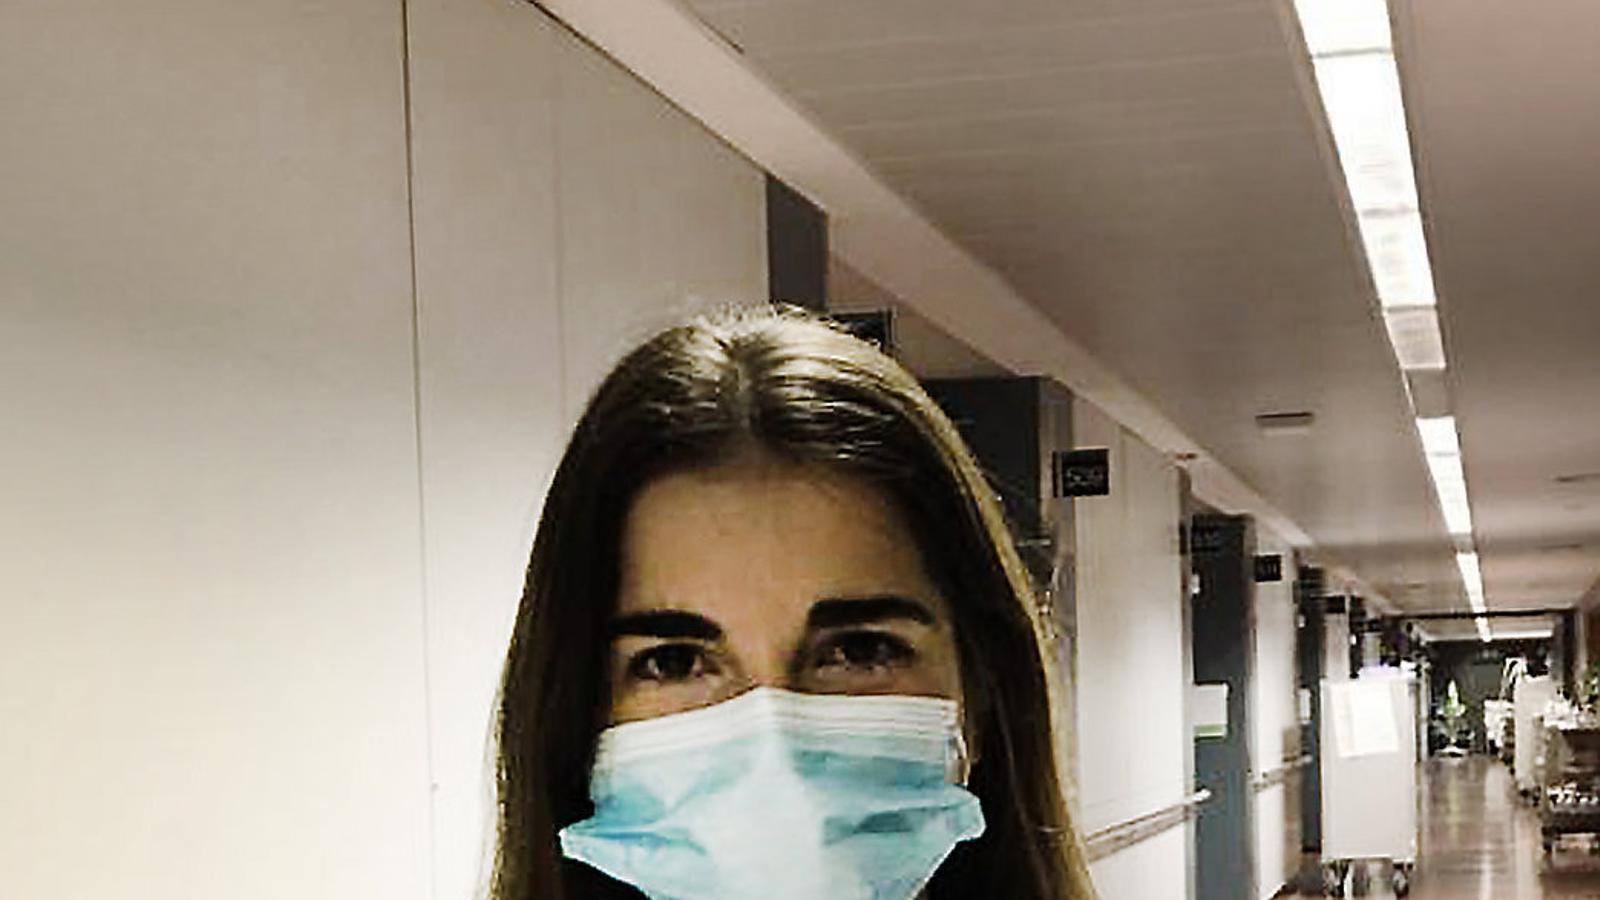 """De la Facultat de Medicina a primera línia """"Mai havia tingut ansietat en la meva vida"""" De les aules a la trinxera  Del coronavirus Infermeres i auxiliars: el contacte més directe """"Tinc 20 anys i no em sentia preparada per trobar-me morts en llits hospitalaris"""" Altres mans essencials """"Ajudem amb la paperassa perquè els metges marxin abans"""" Els nous voluntaris """"És dur fer l'última videotrucada perquè el pacient s'acomiadi"""""""